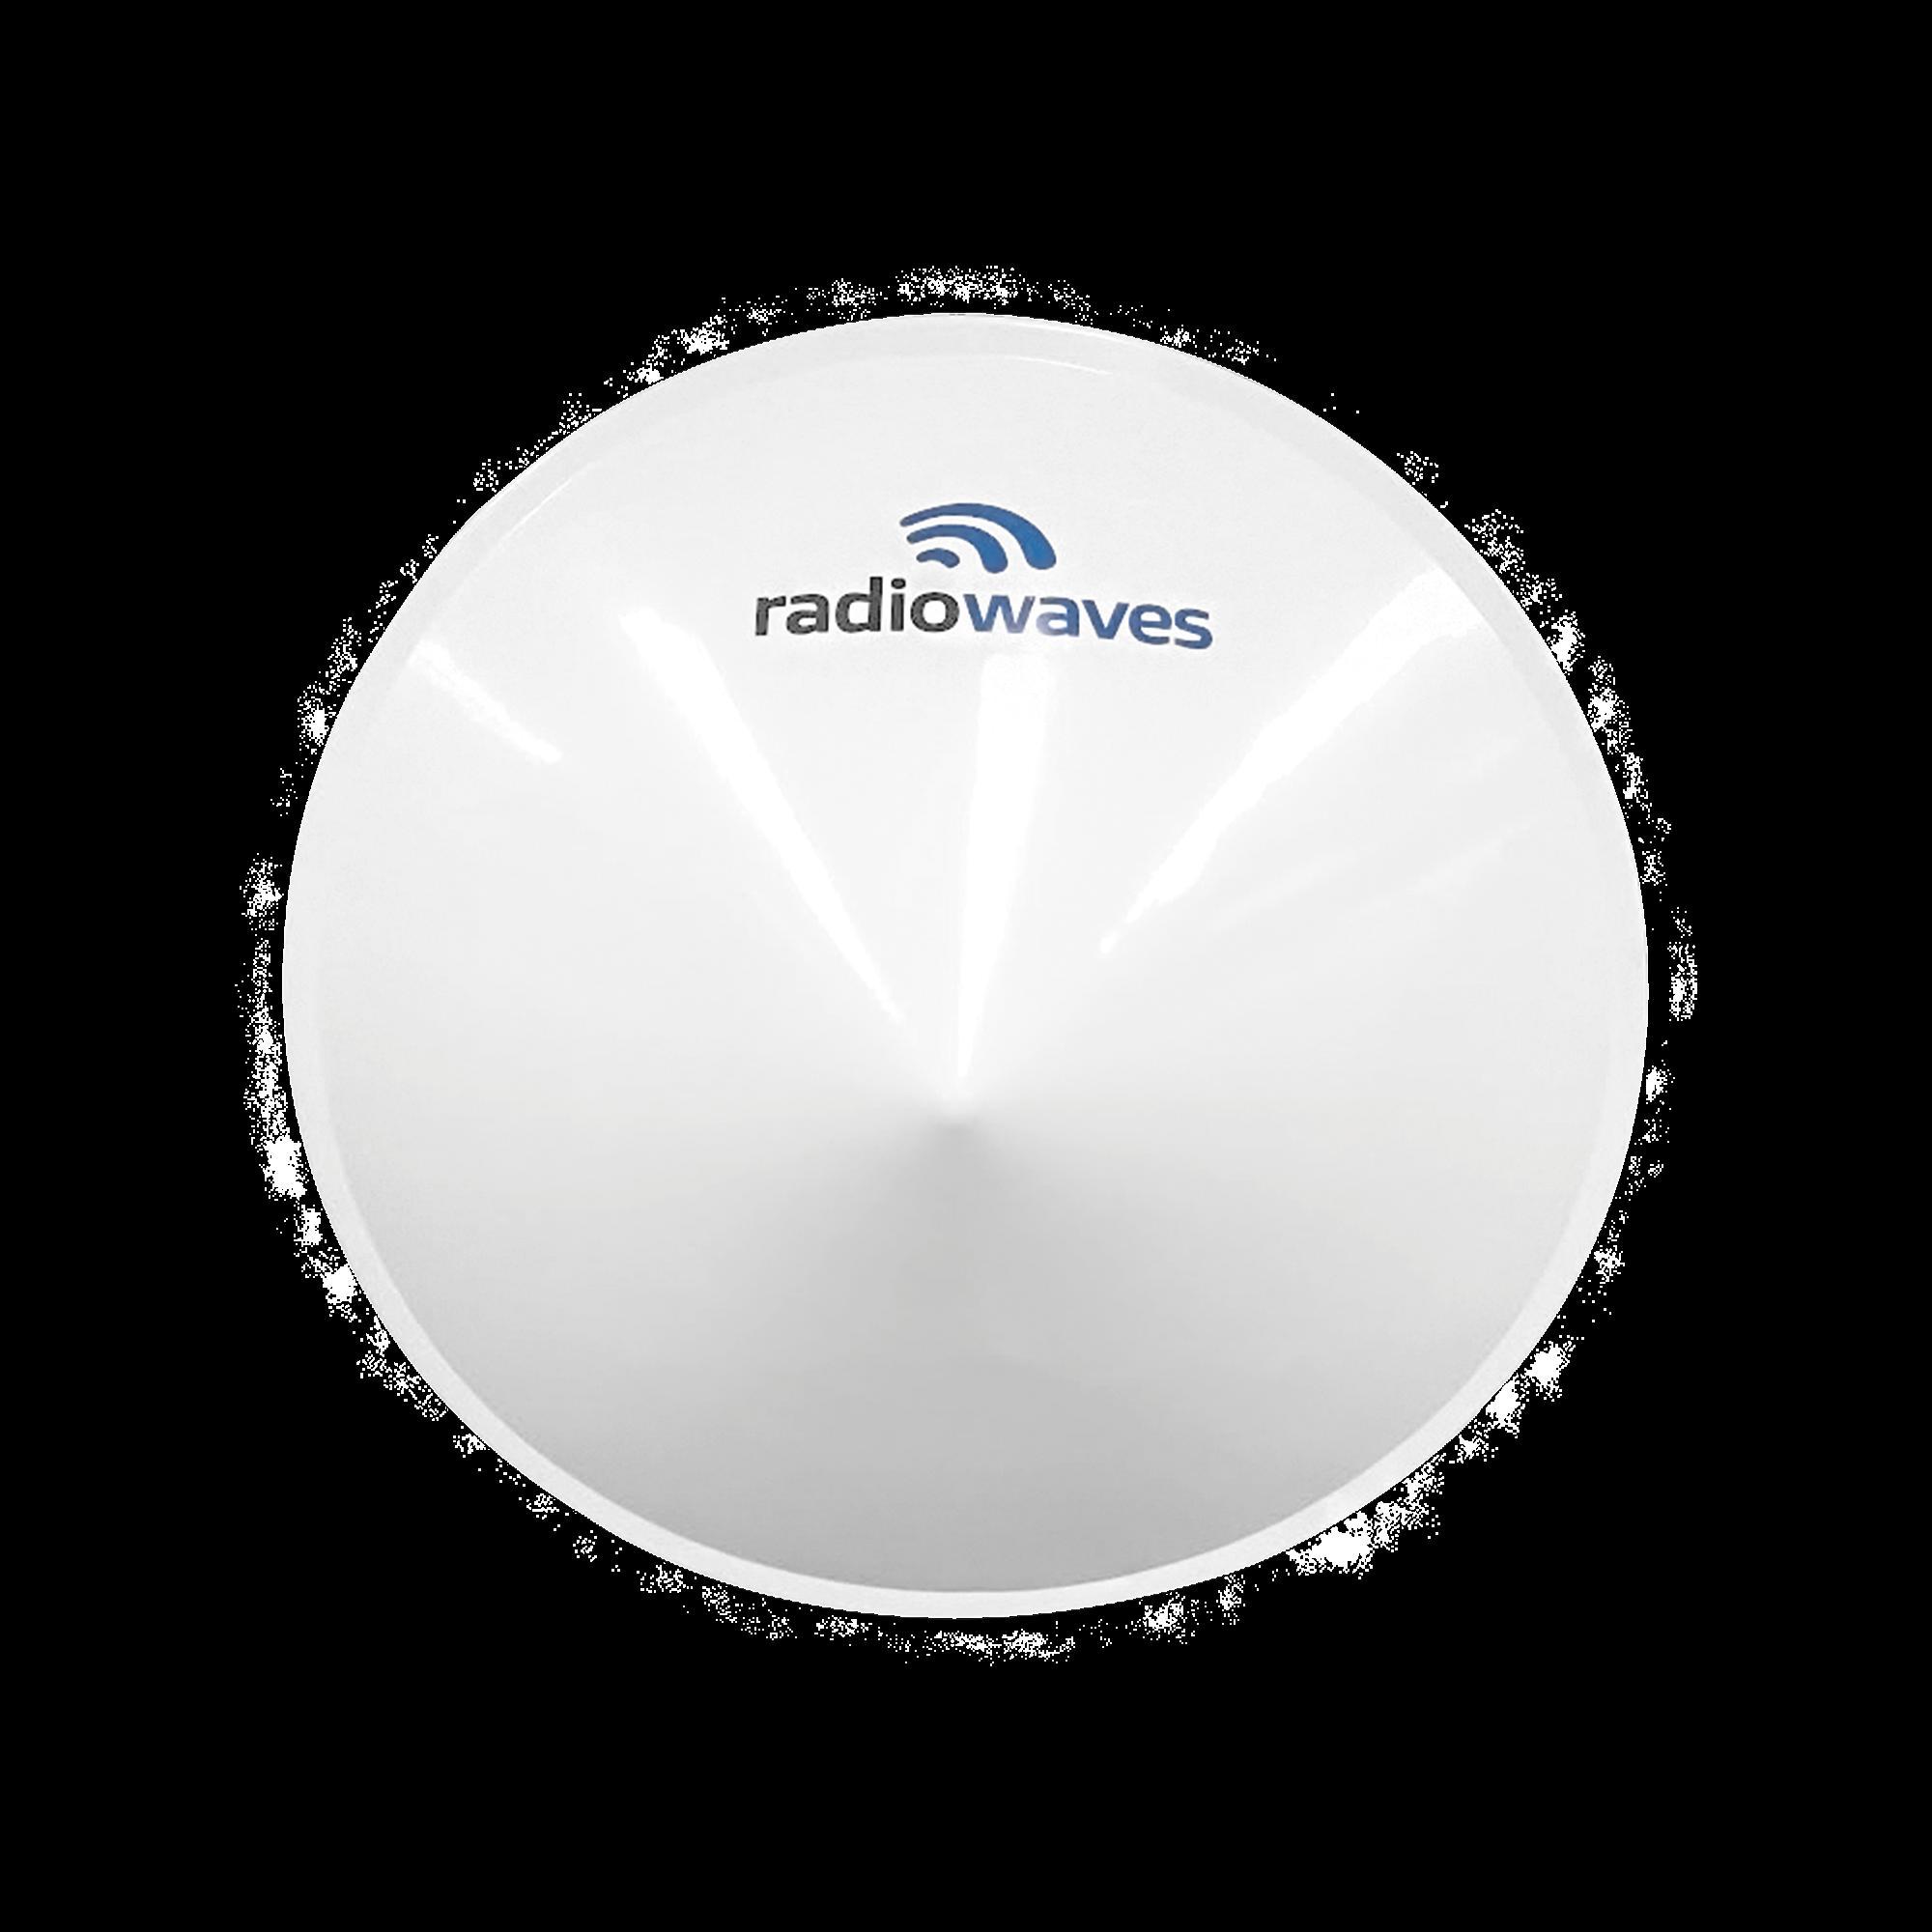 Radomo para antenas SPD2-5.2NS, SPD2-5.9NS, Dimensiones (2 ft), Reduce la carga del viento y mejora la estabilidad del enlace